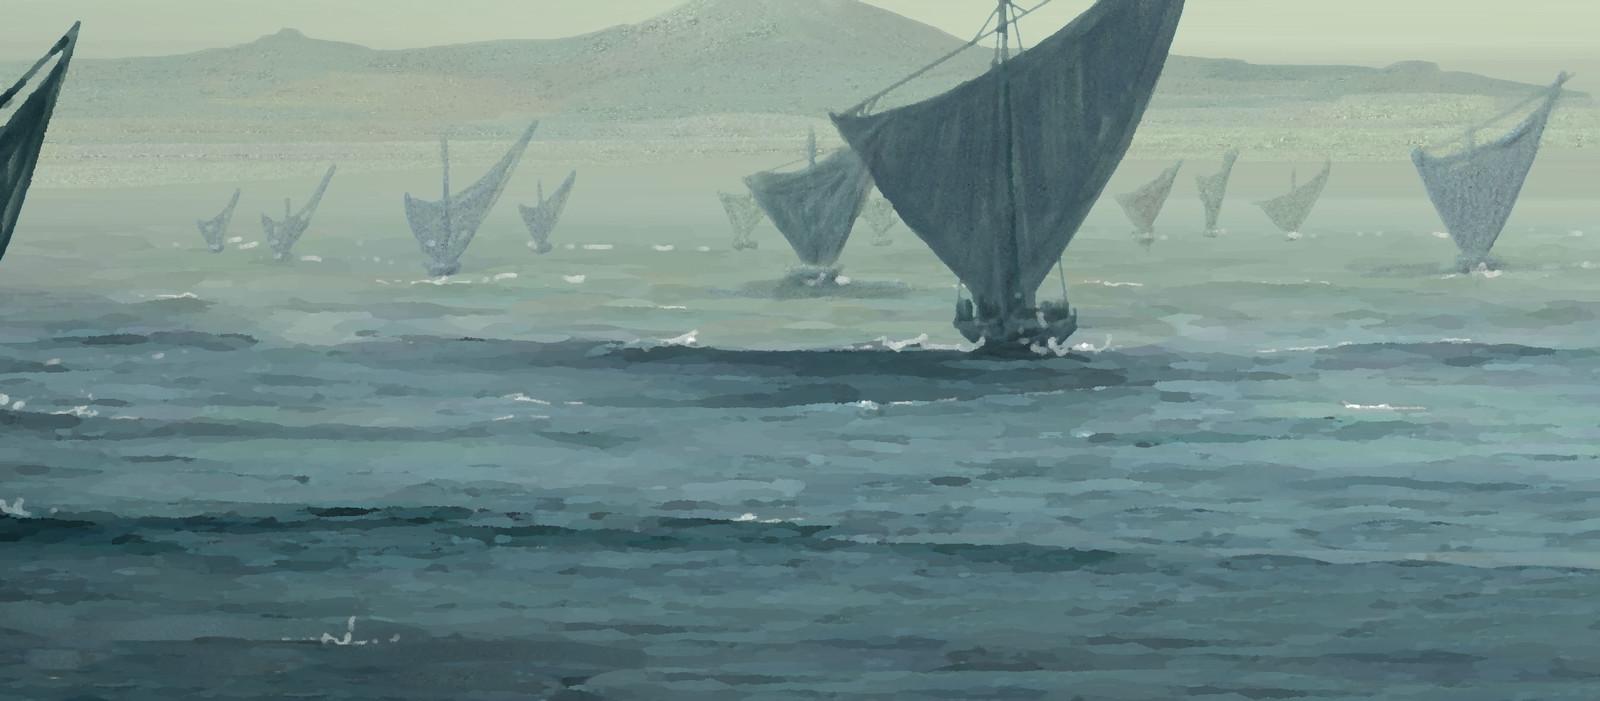 Voyage across the Adriatic Sea